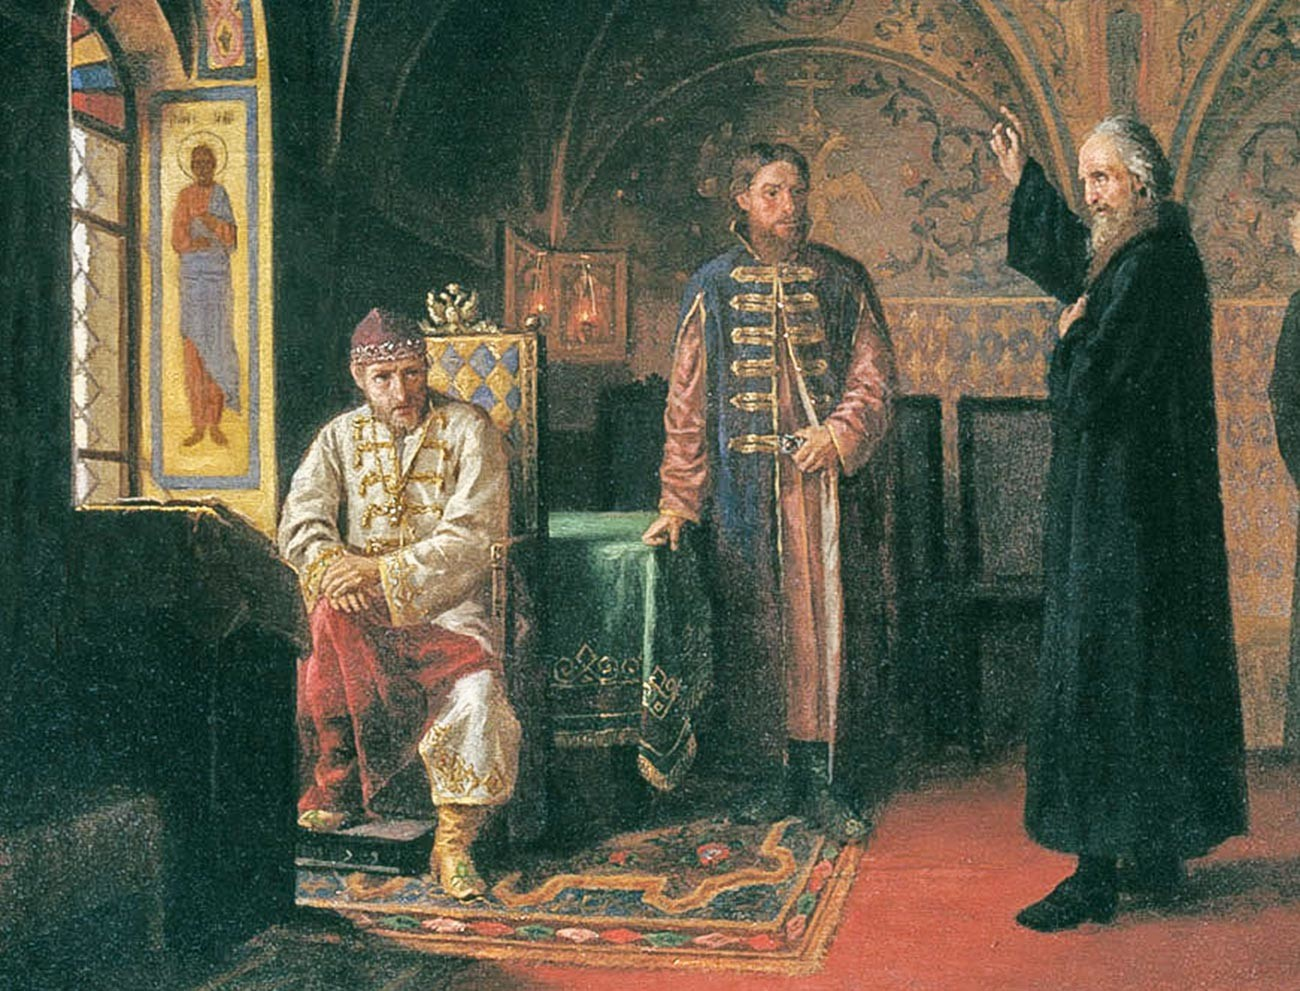 «Митрополит Филипп обличает Ивана Грозного» (1800), художник Яков Турлыгин. Иван Грозный изображен в тафье